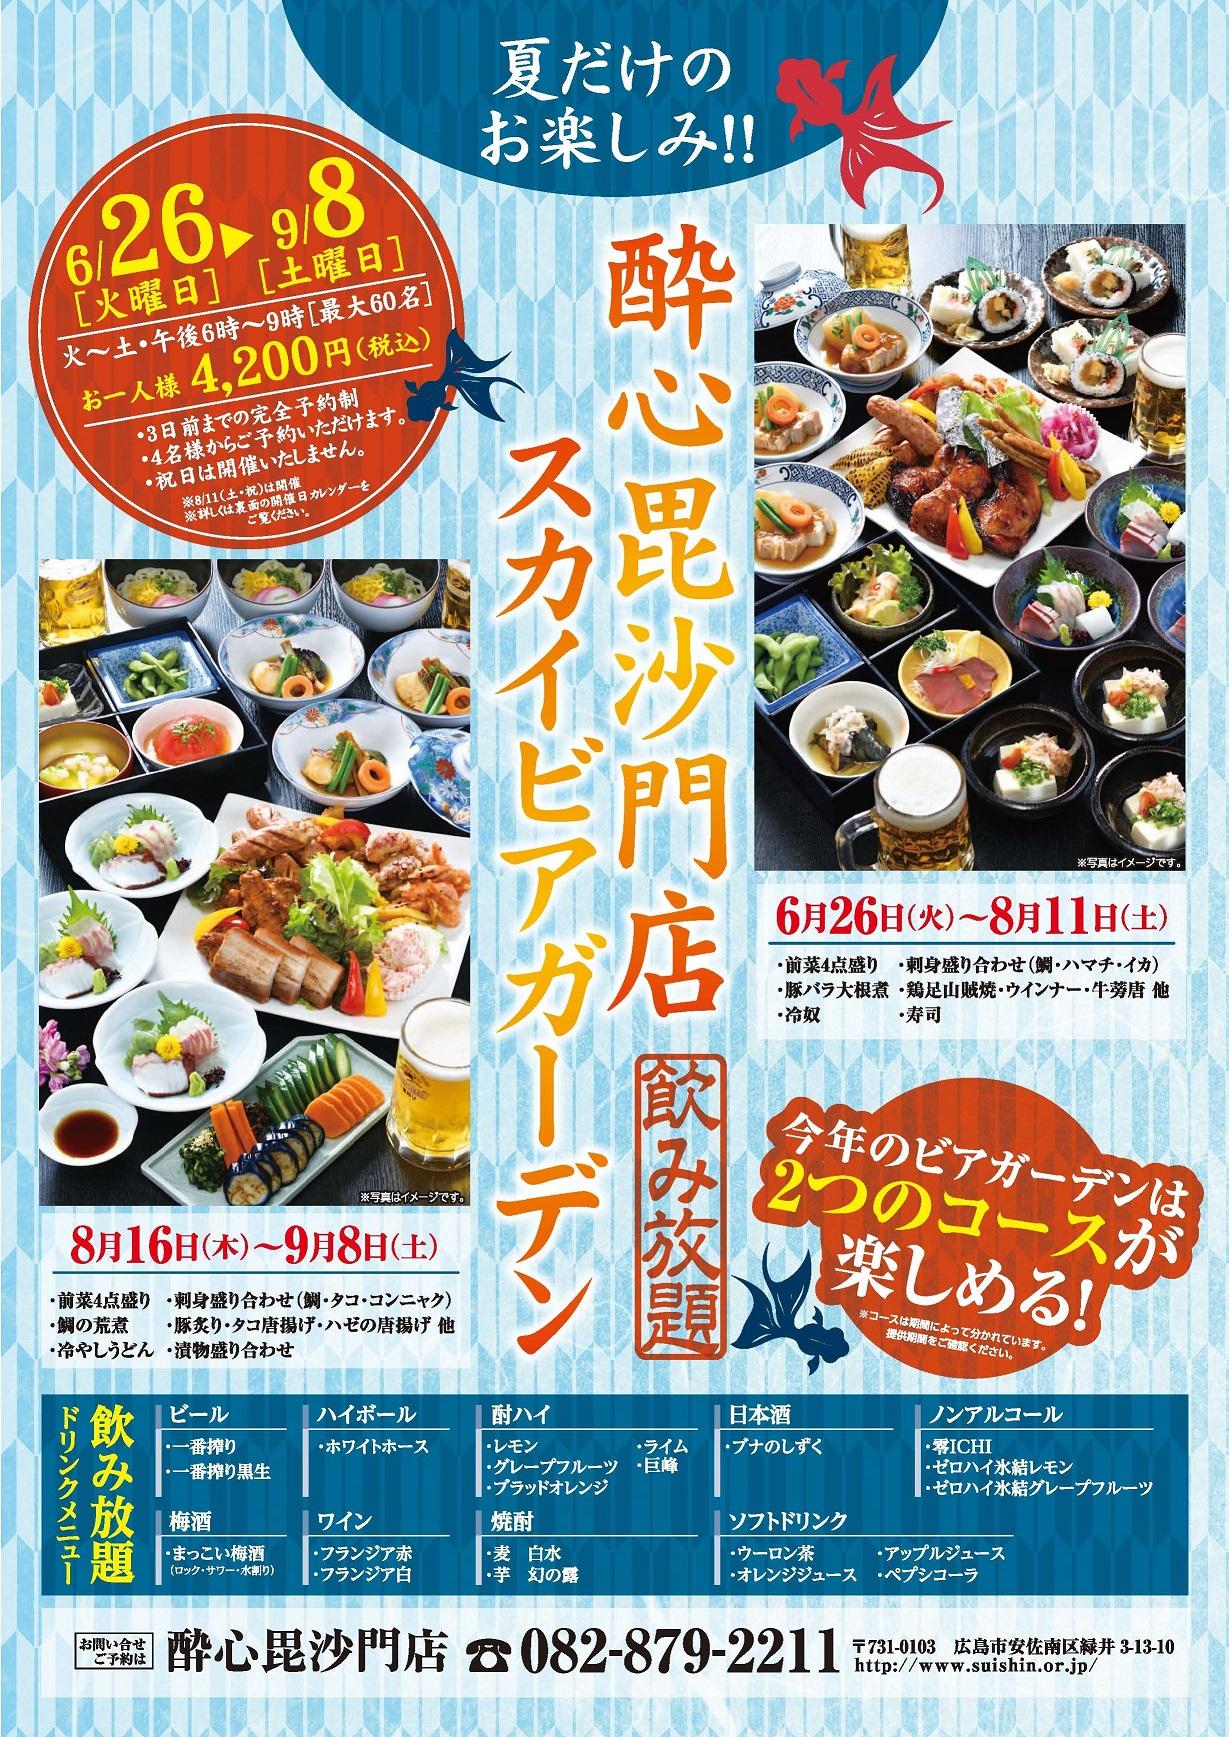 【毘沙門店】夏だけのお楽しみ!! スカイビアガーデン ご予約受付中